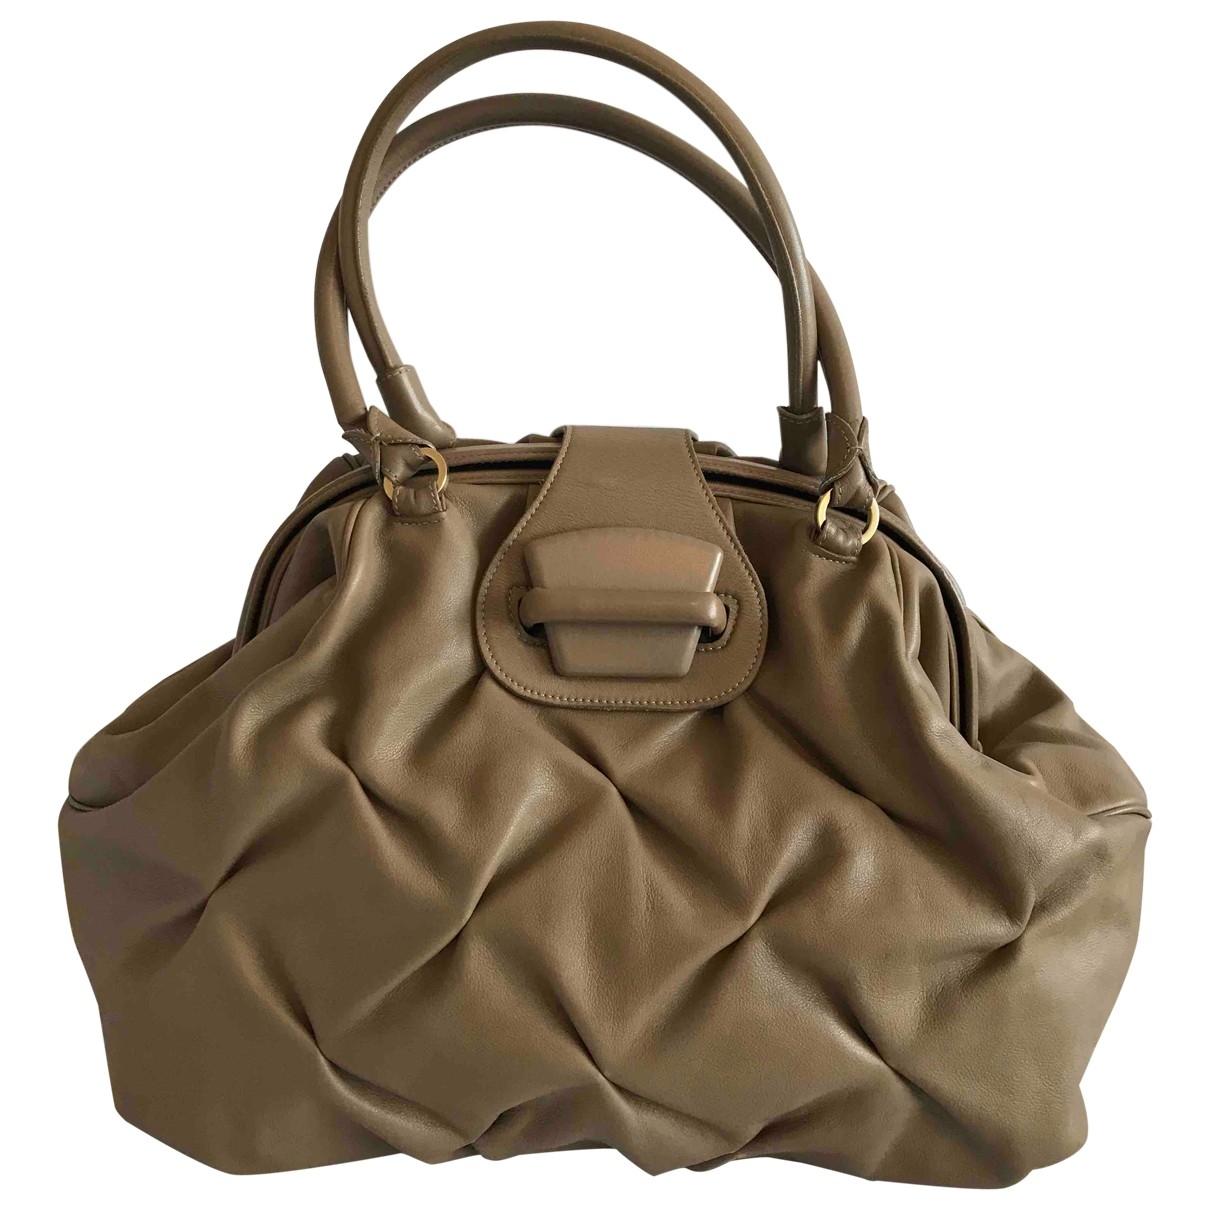 Smythson \N Handtasche in  Beige Leder